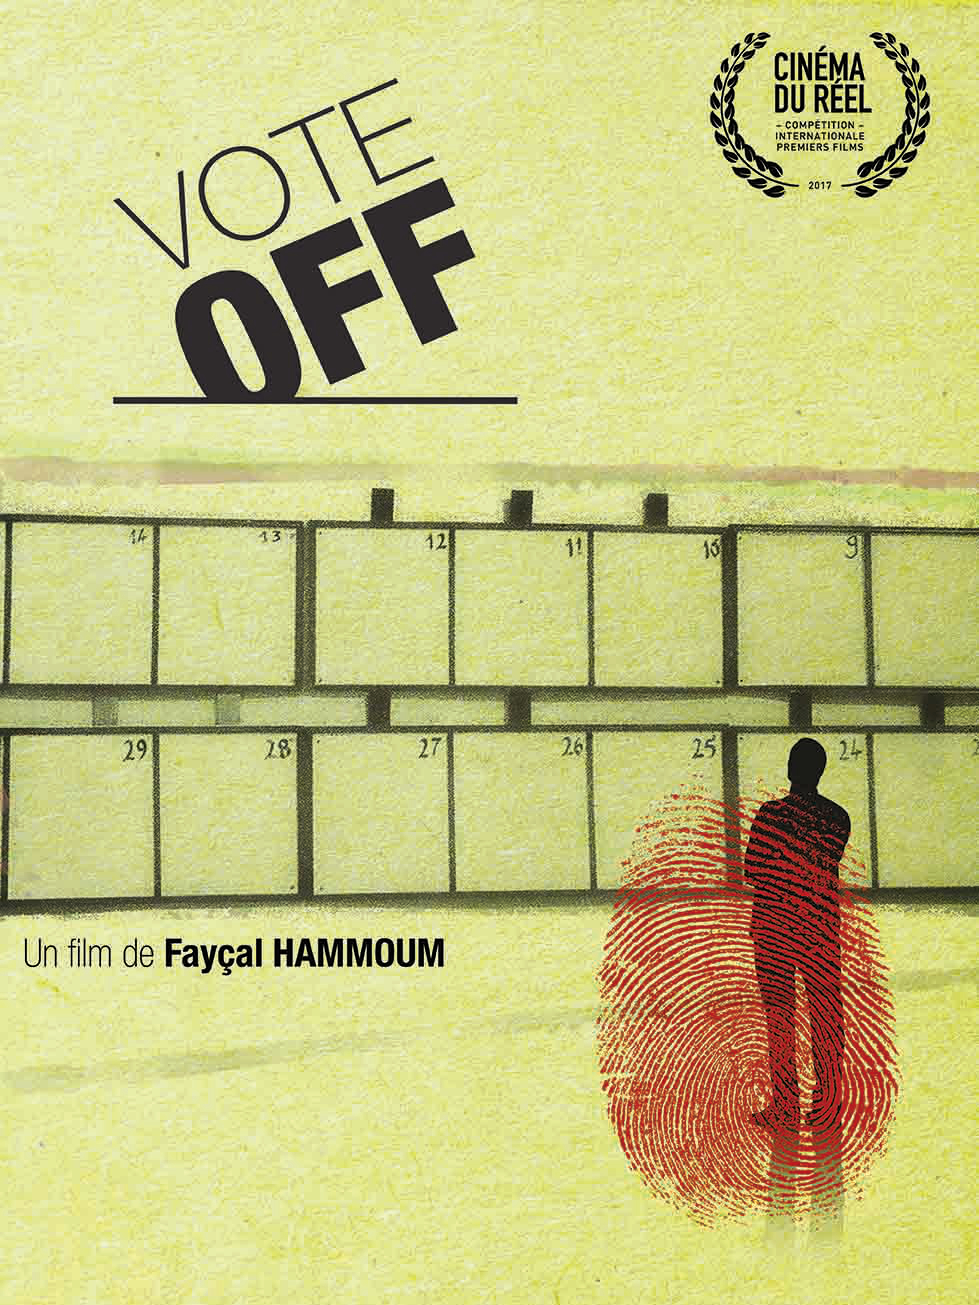 Vote Off | Hammoum, Fayçal (Réalisateur)